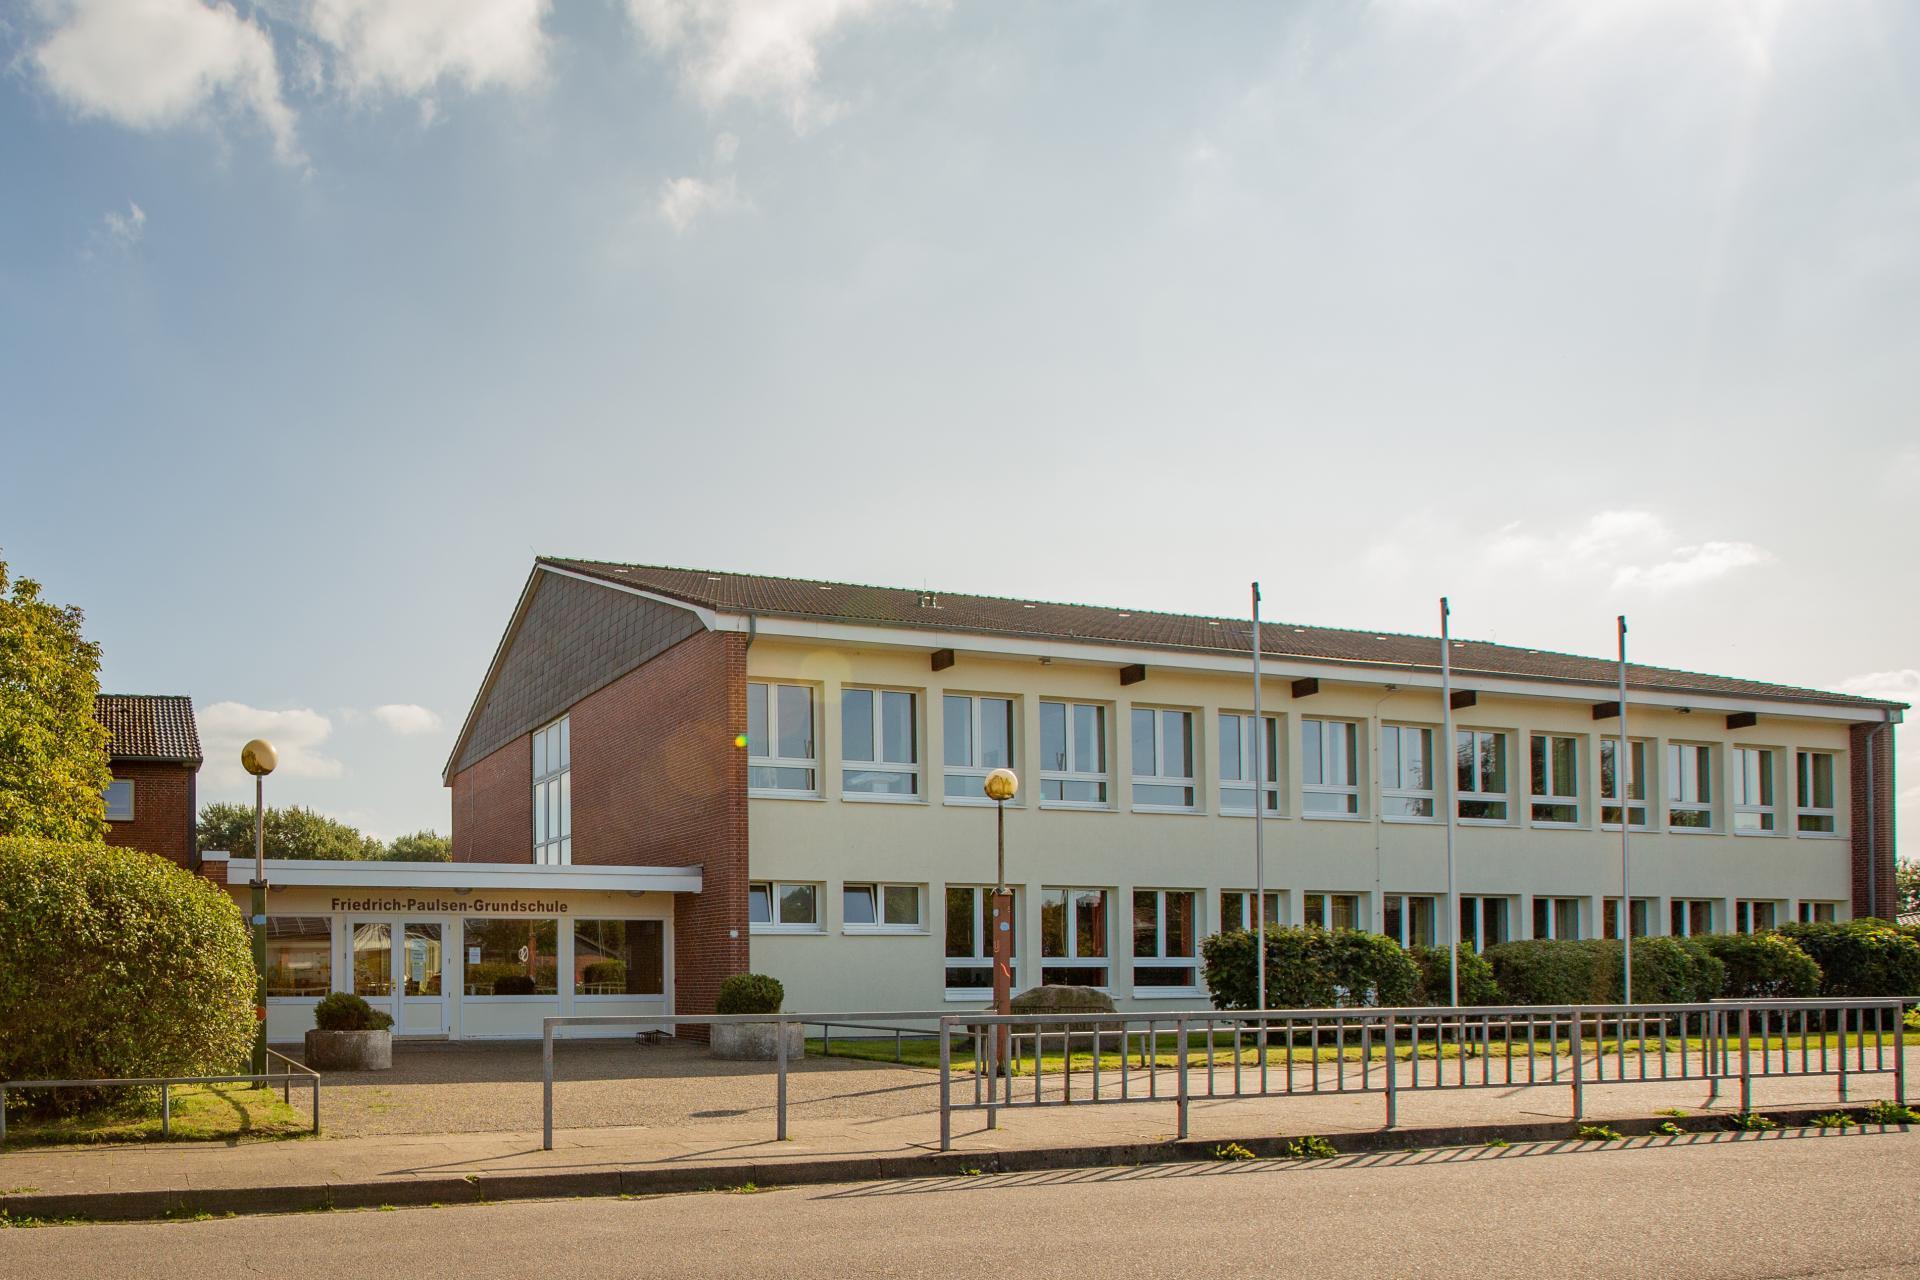 Friedrich-Paulsen-Schule Grundschule